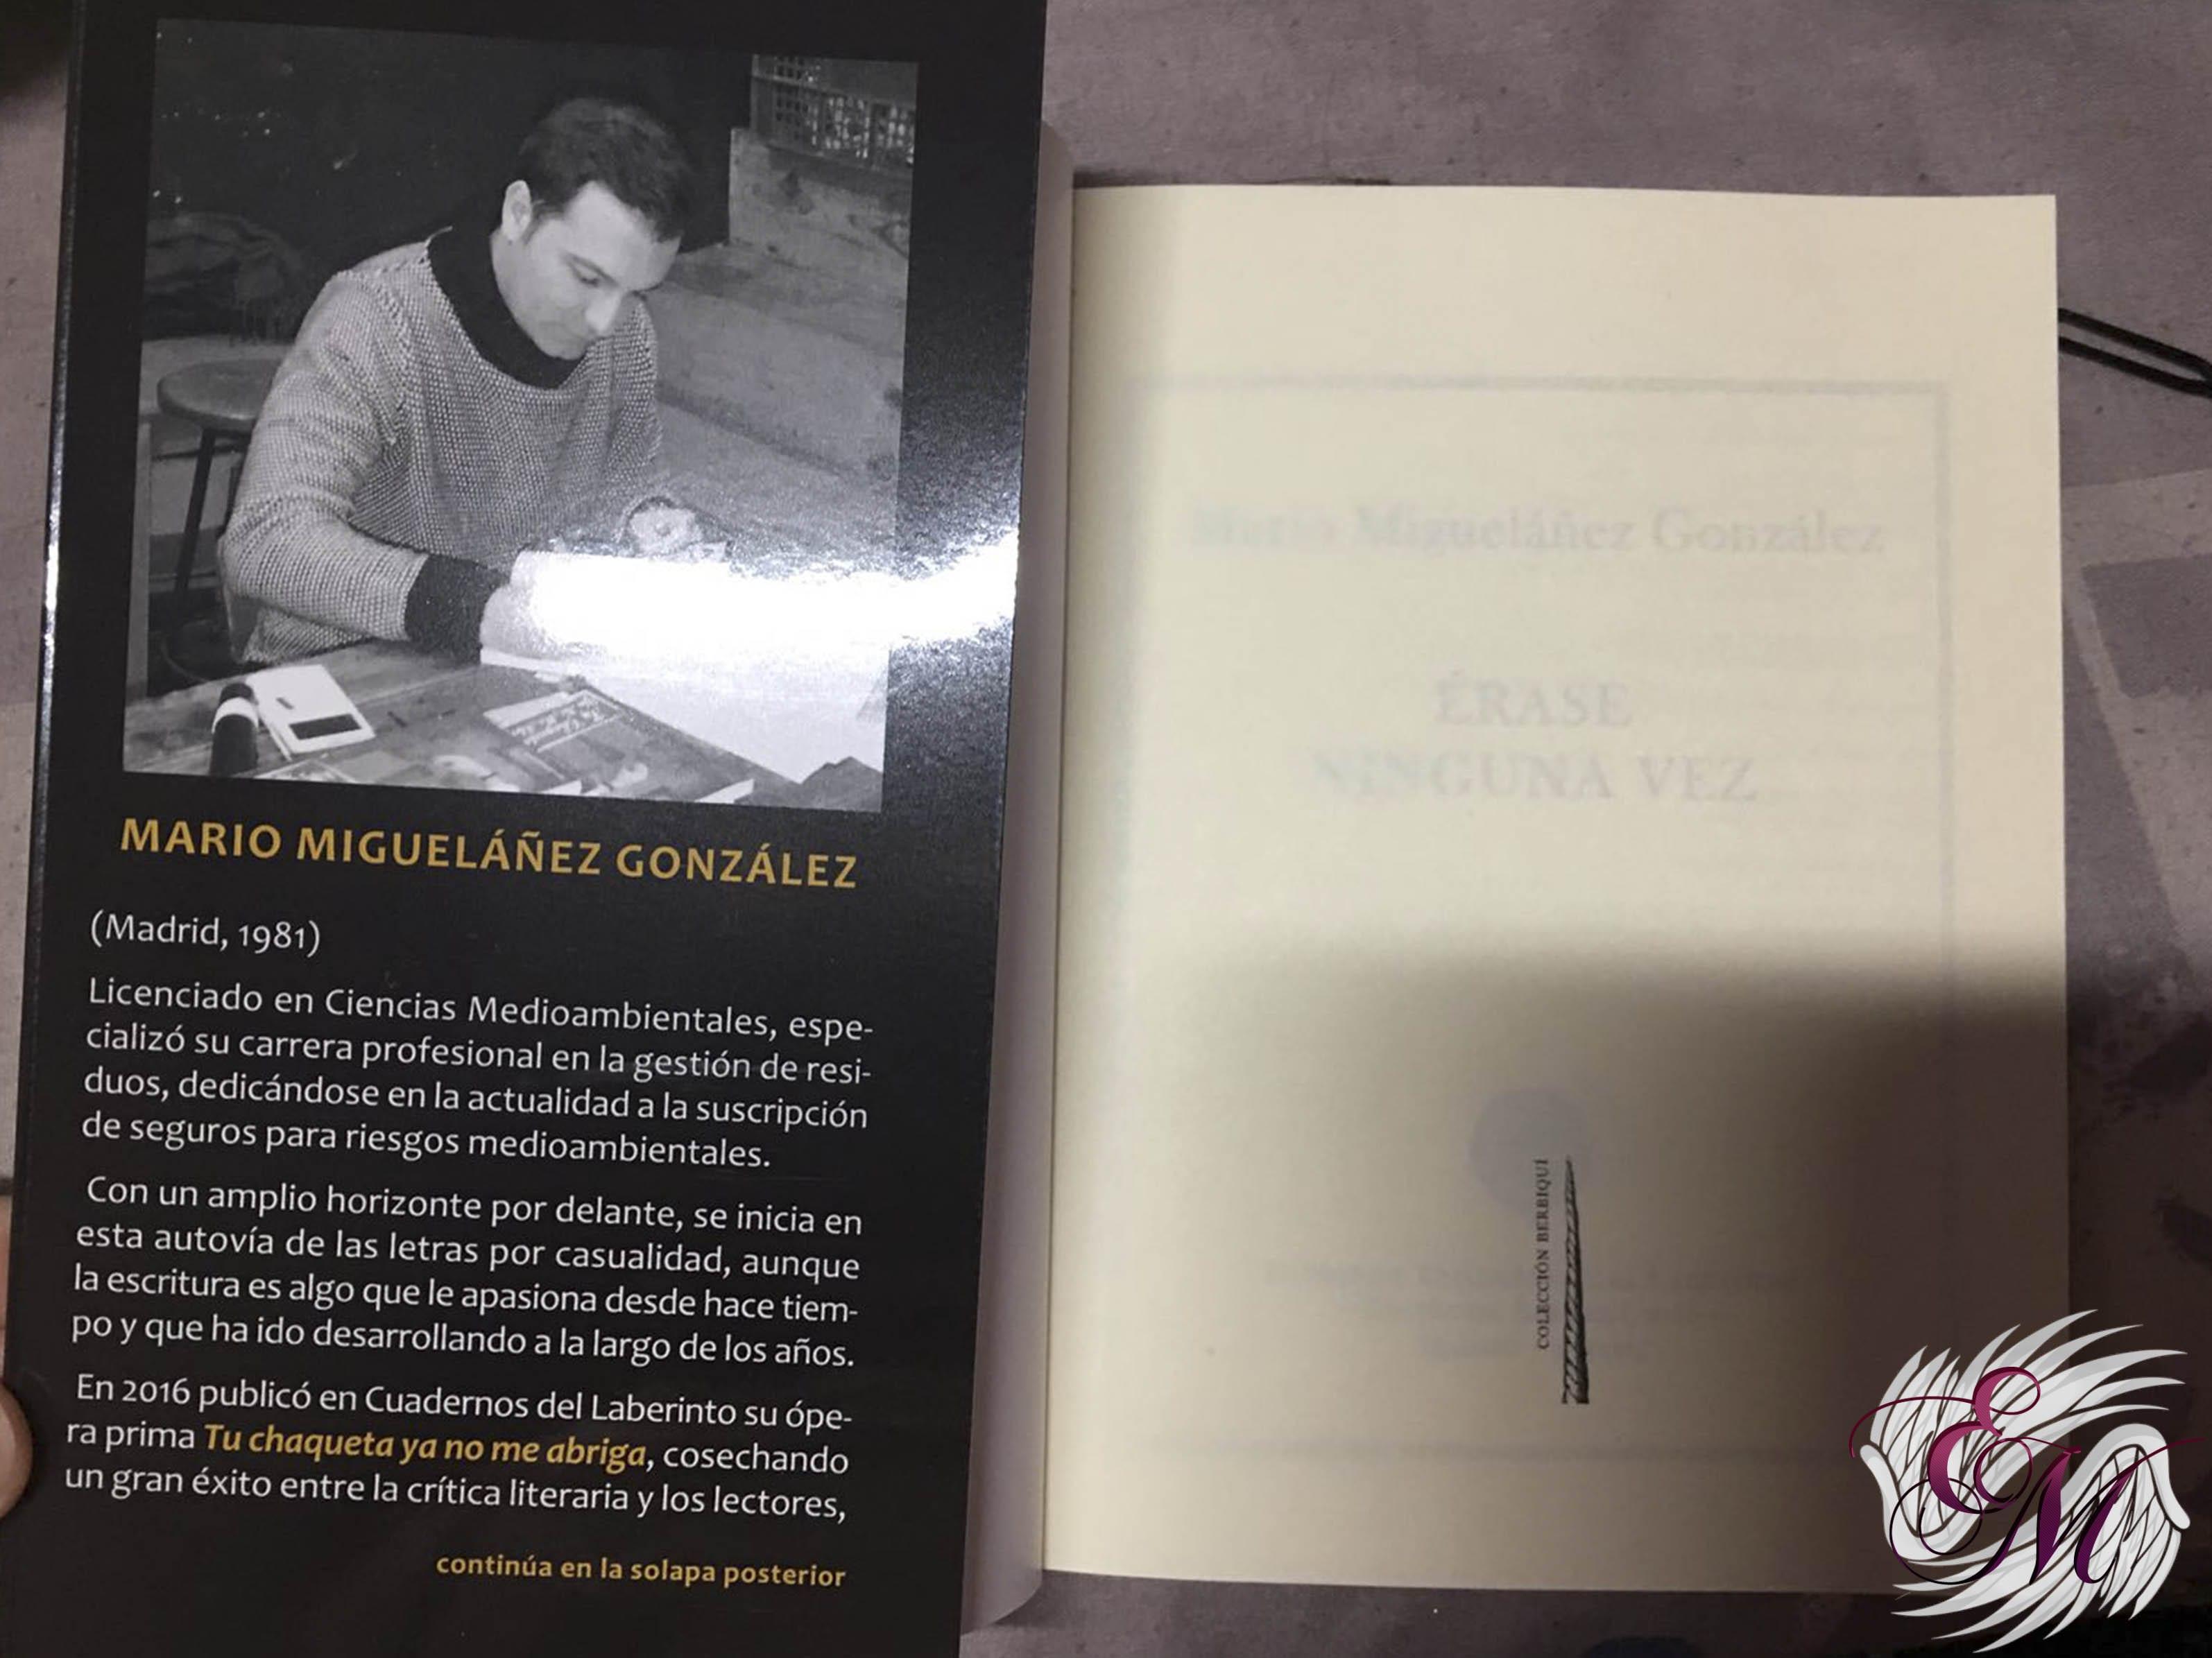 Érase ninguna vez, de Mario Migueláñez González - Reseña